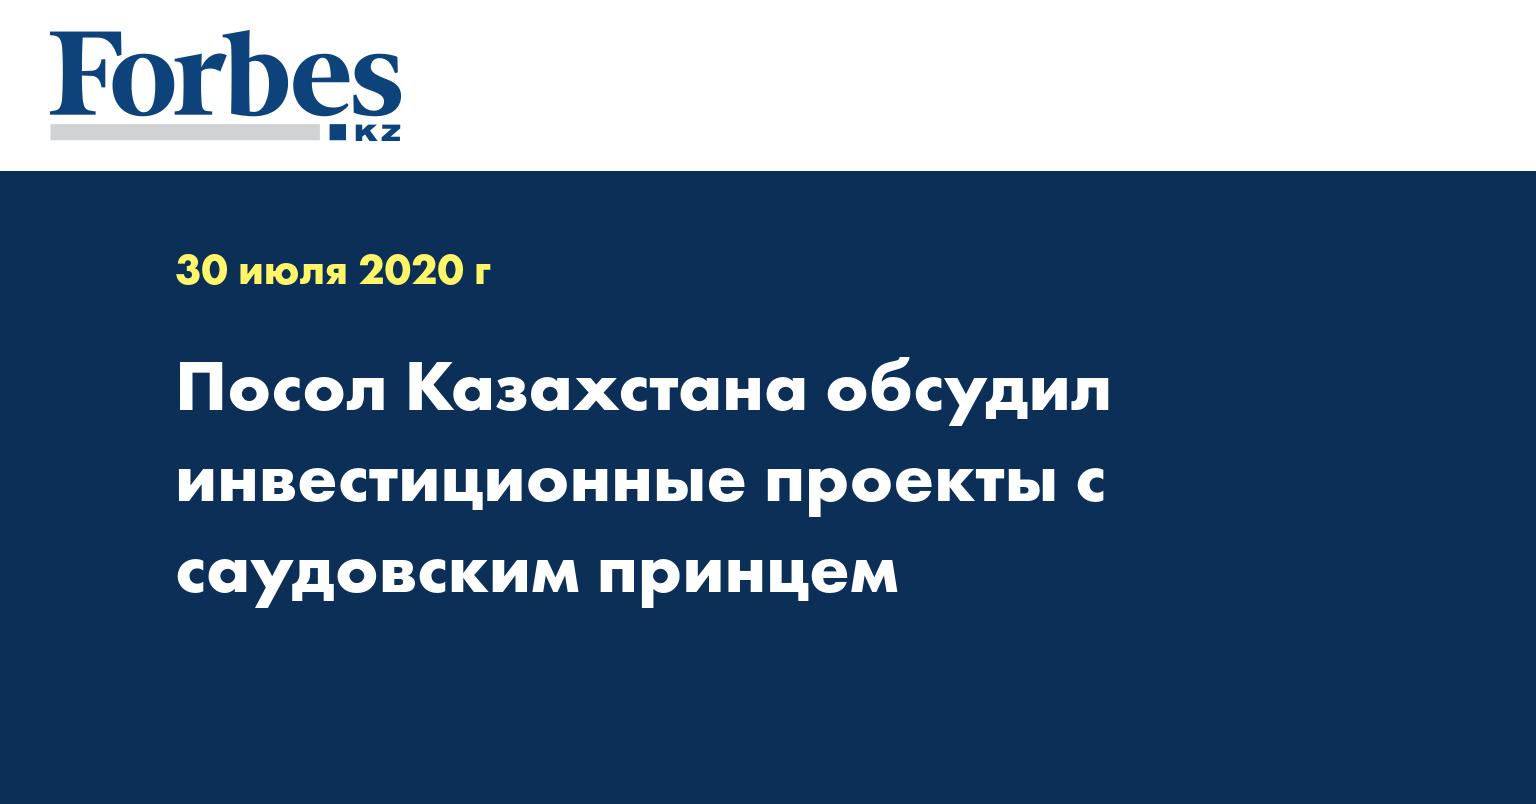 Посол Казахстана обсудил инвестиционные проекты с саудовским принцем